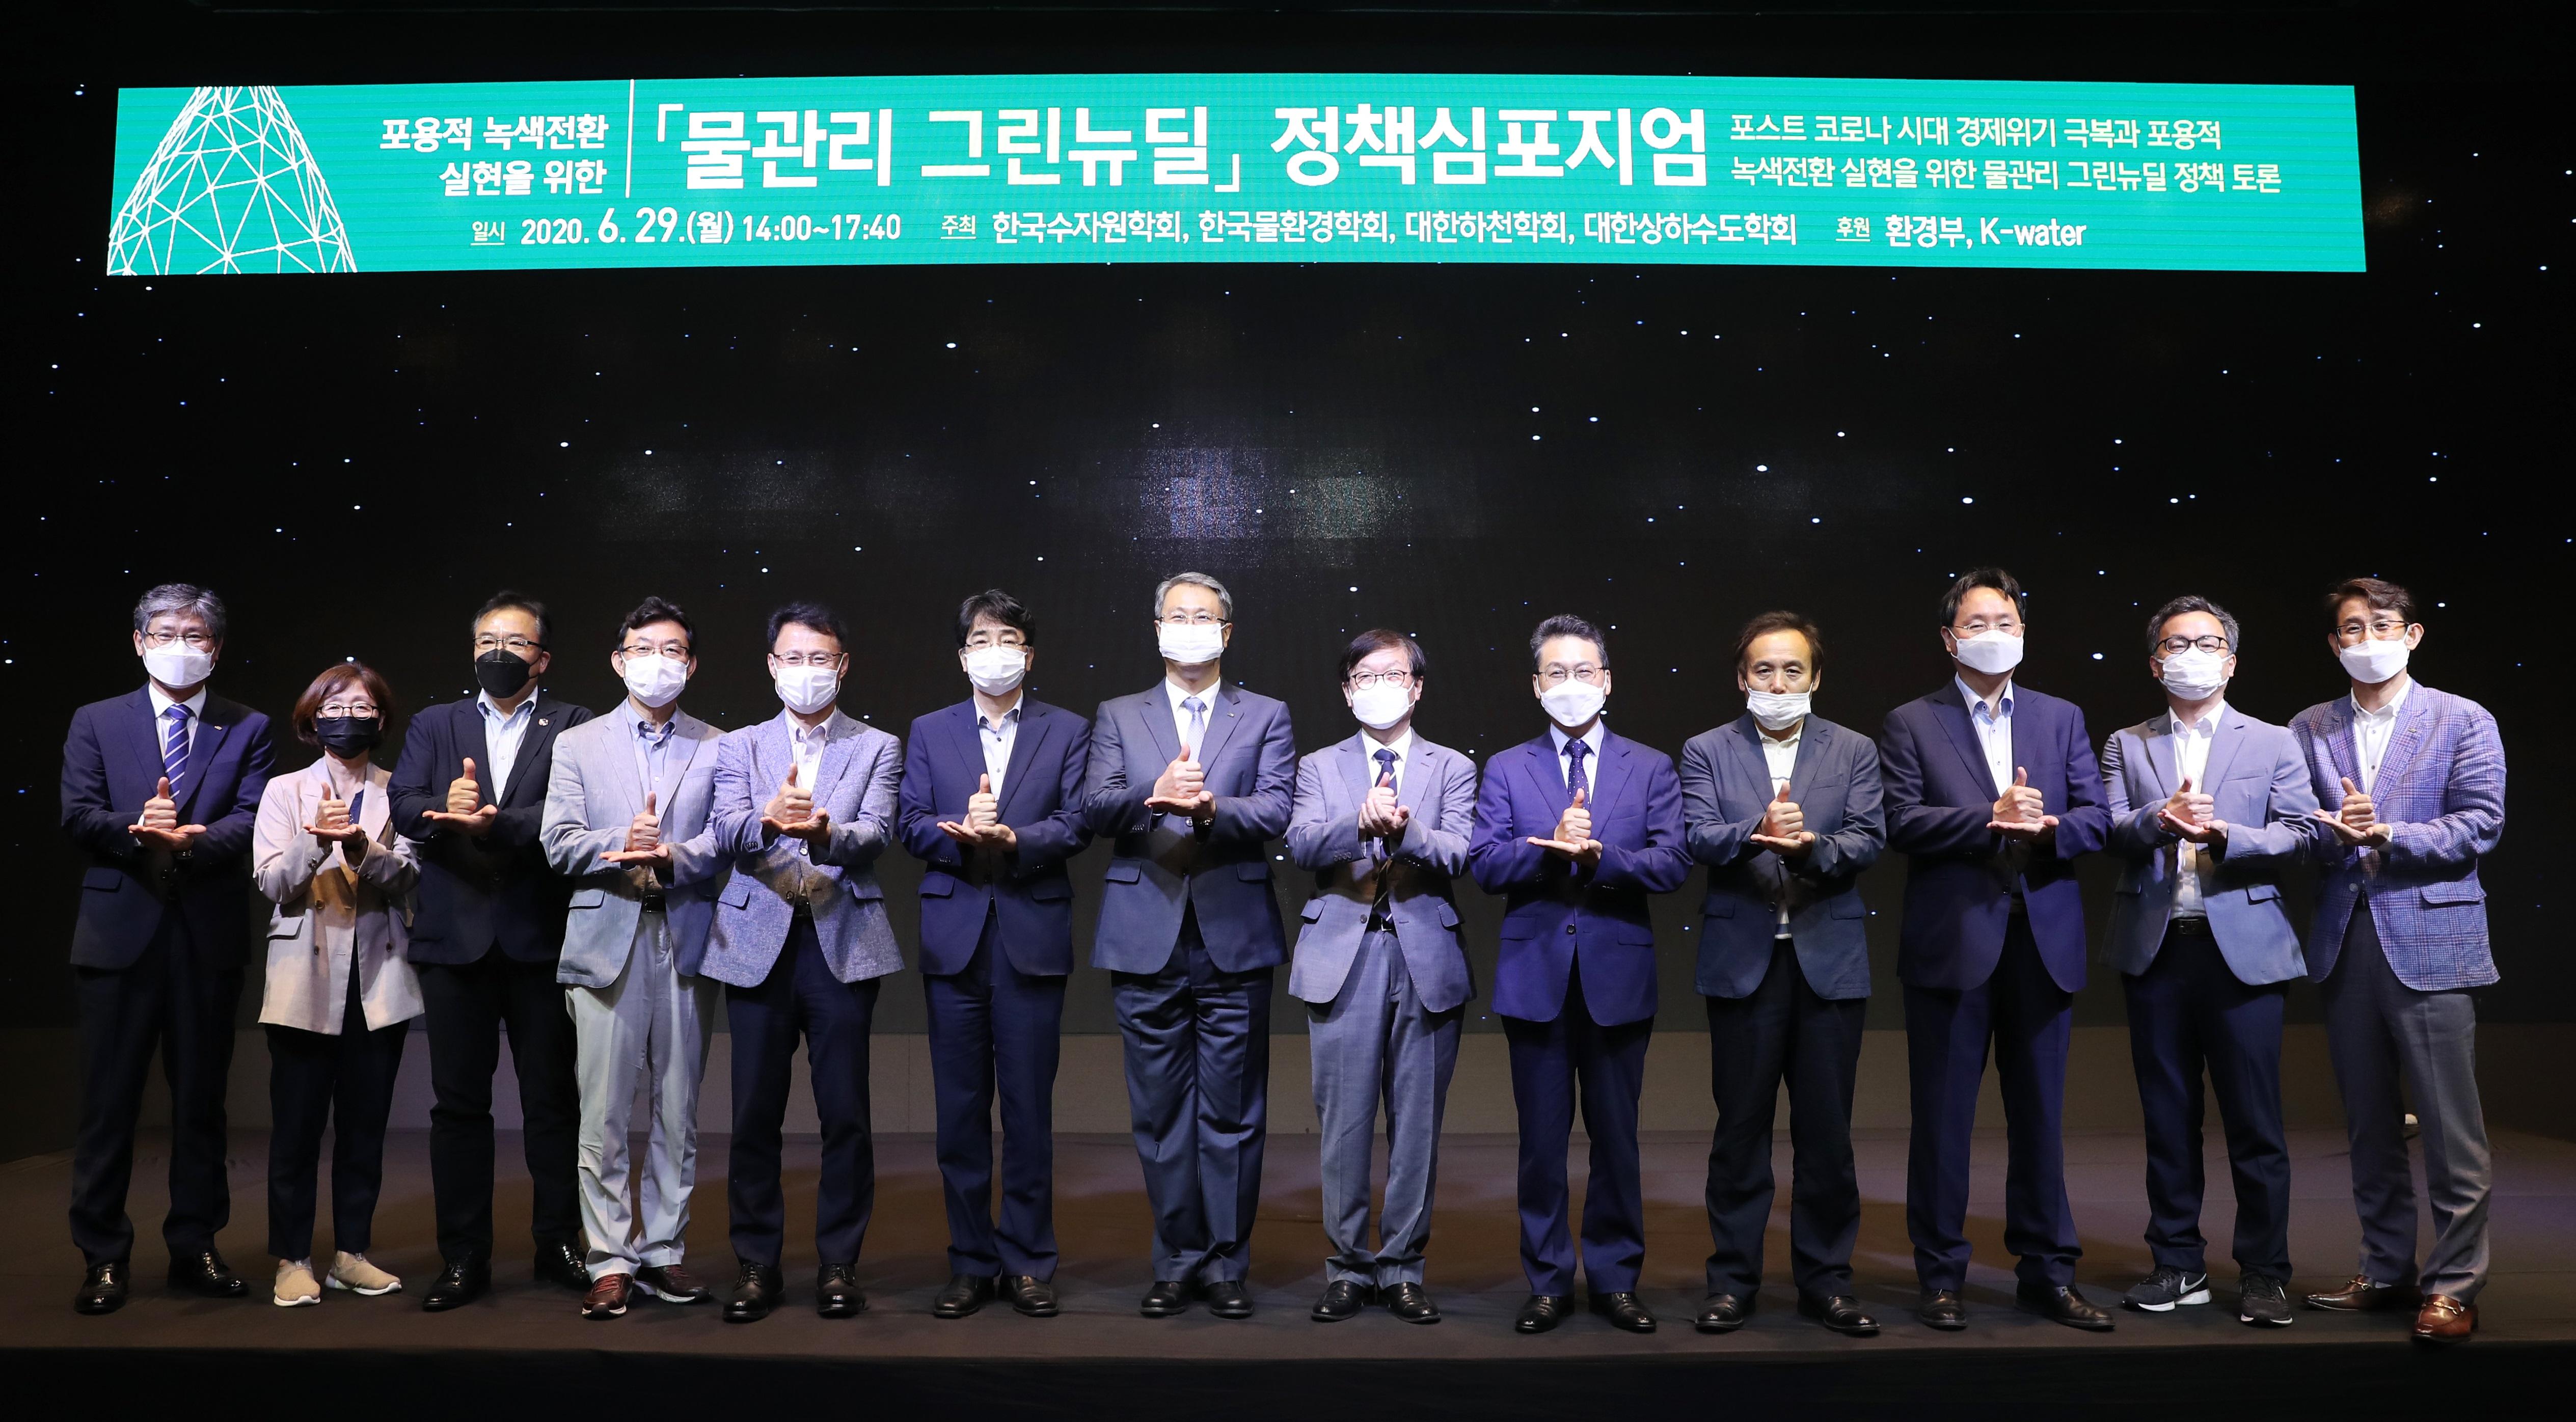 한국수자원학회,그린뉴딜, 물 관리에서 답을 찾다 국내 물 관련 4개 학회 주최로 '물관리 그린뉴딜 정책심포지엄' 열려